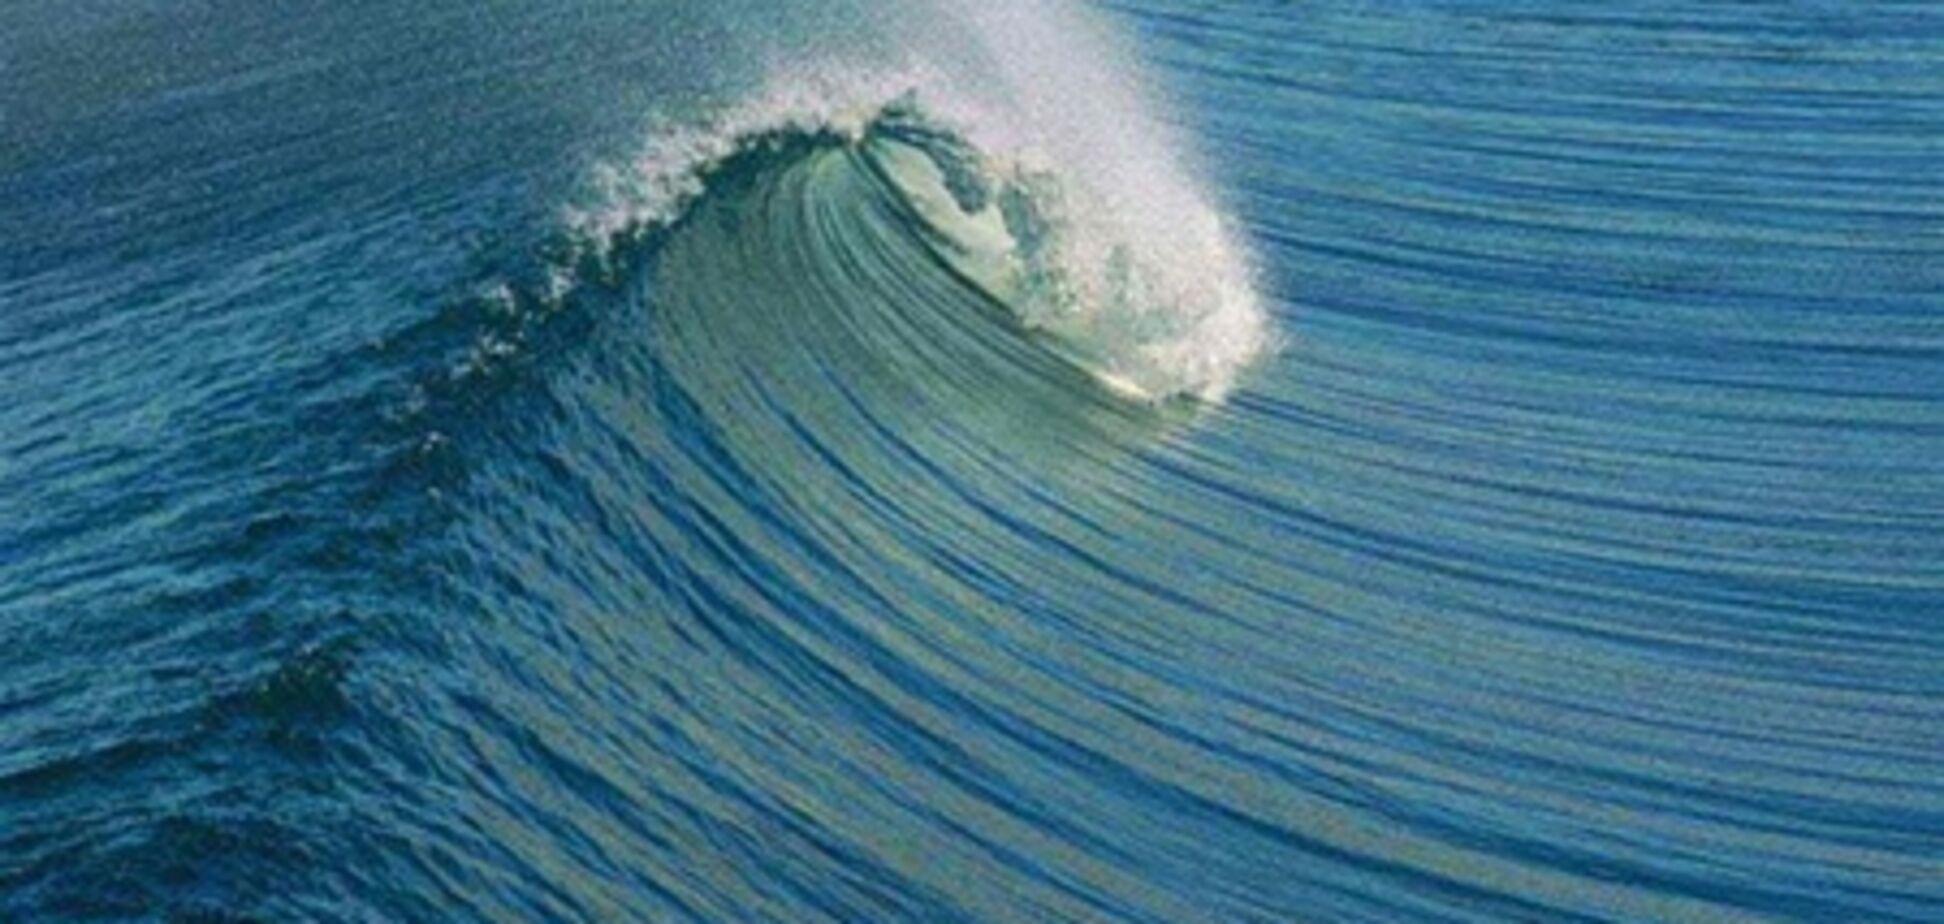 В Індонезії скасовано попередження про загрозу цунамі